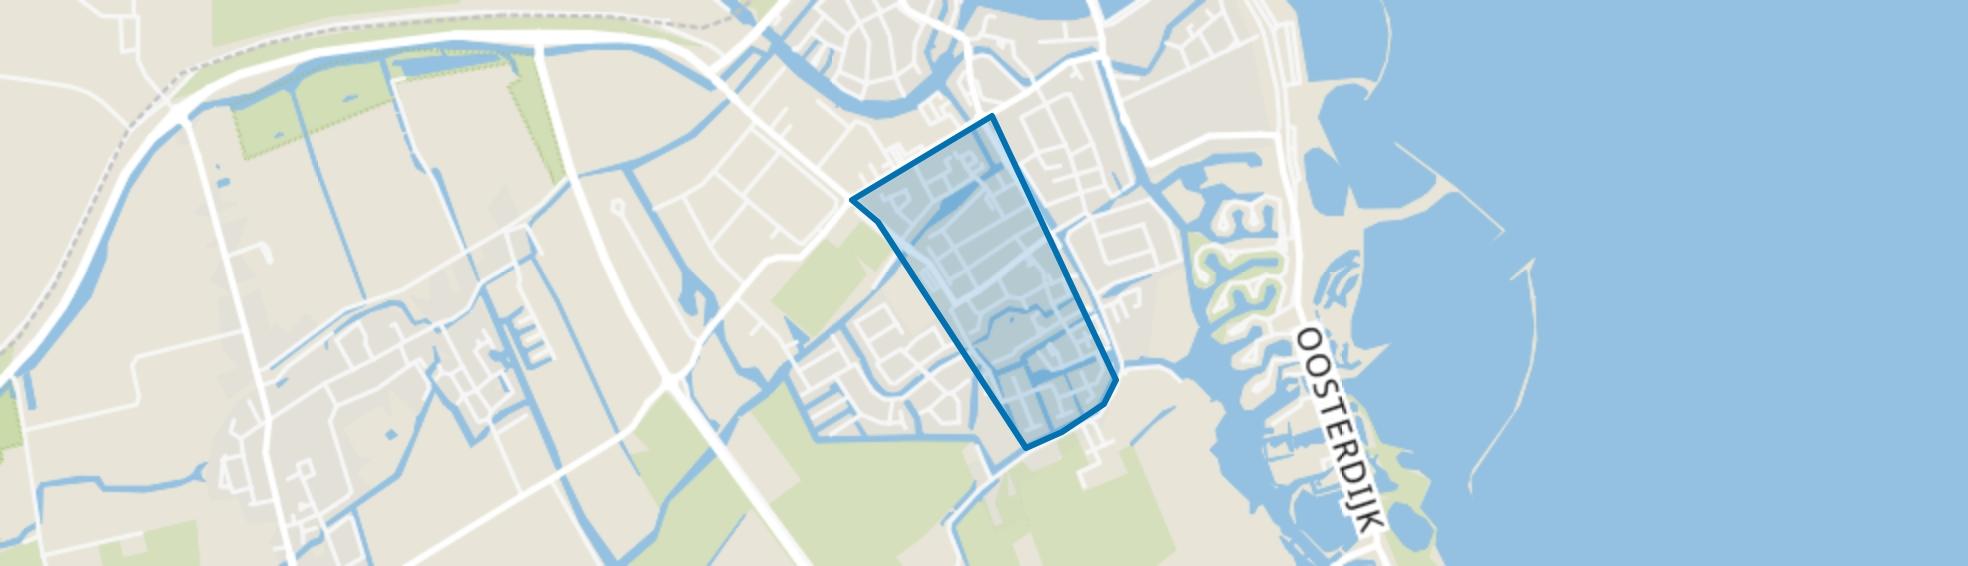 Medemblik Randwijk en Gildenwijk, Medemblik map